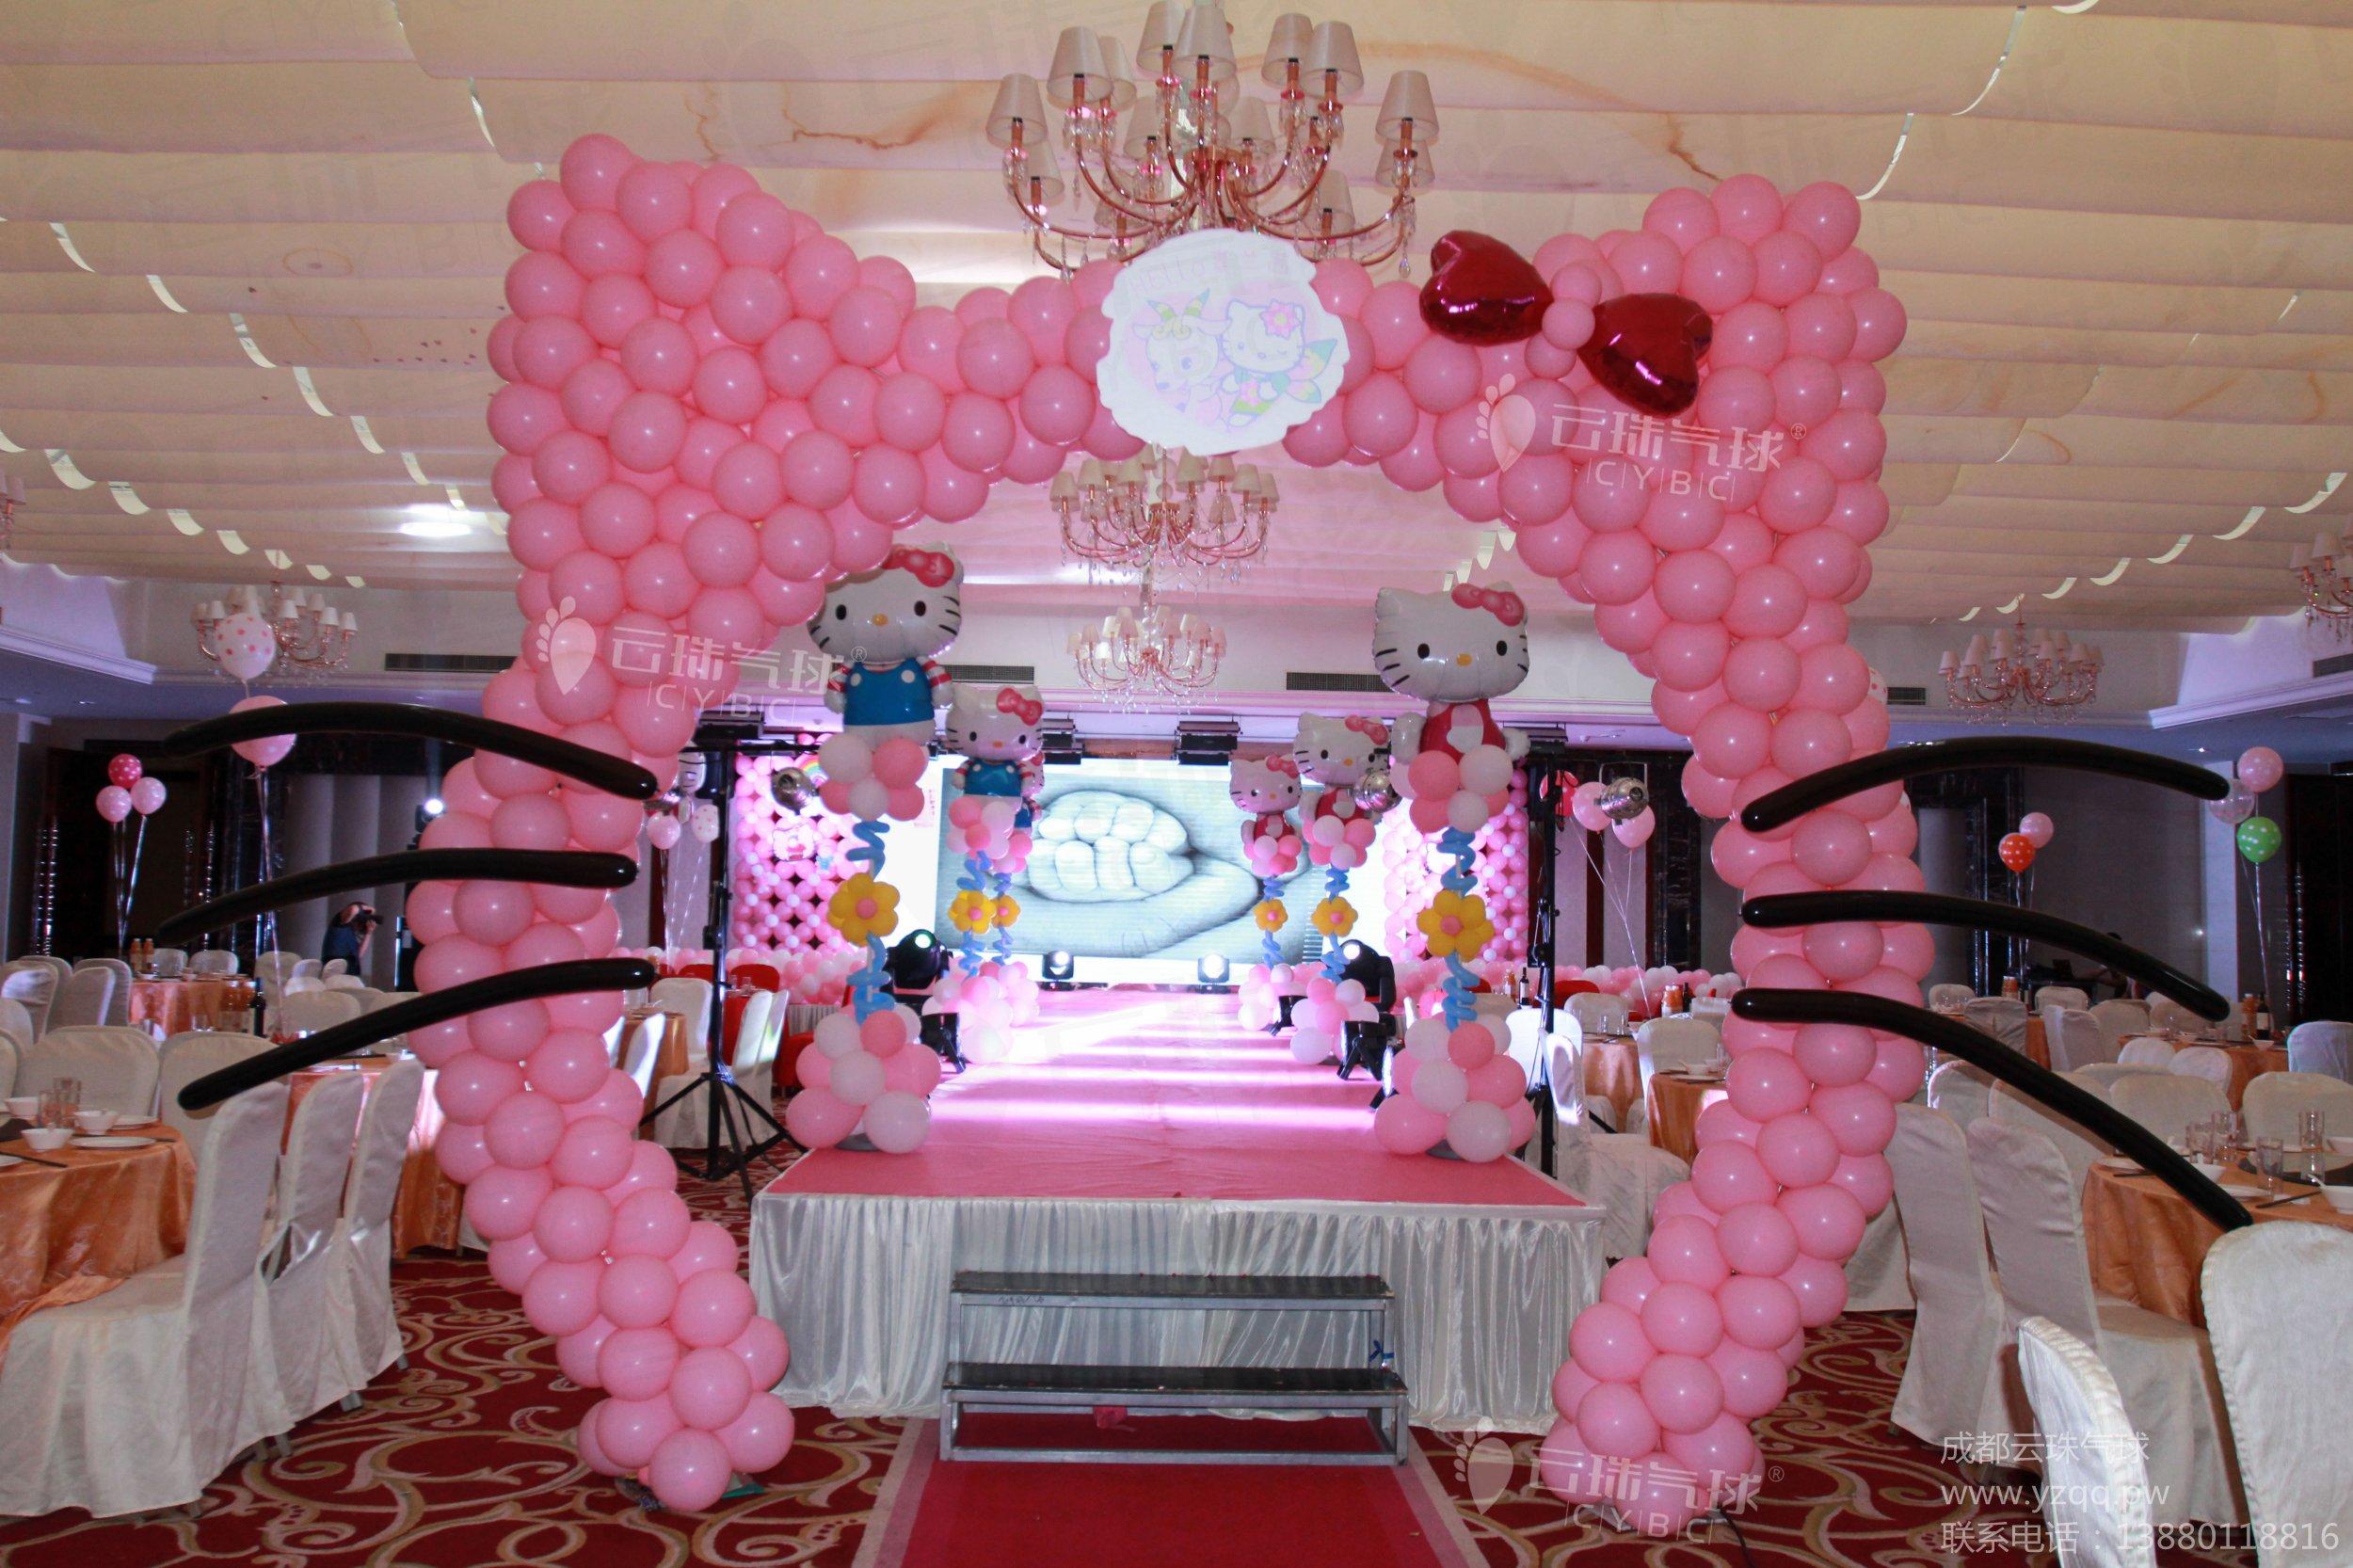 供应百日宴气球装饰/气球造型装饰/成都气球装饰/宝宝宴气球装饰